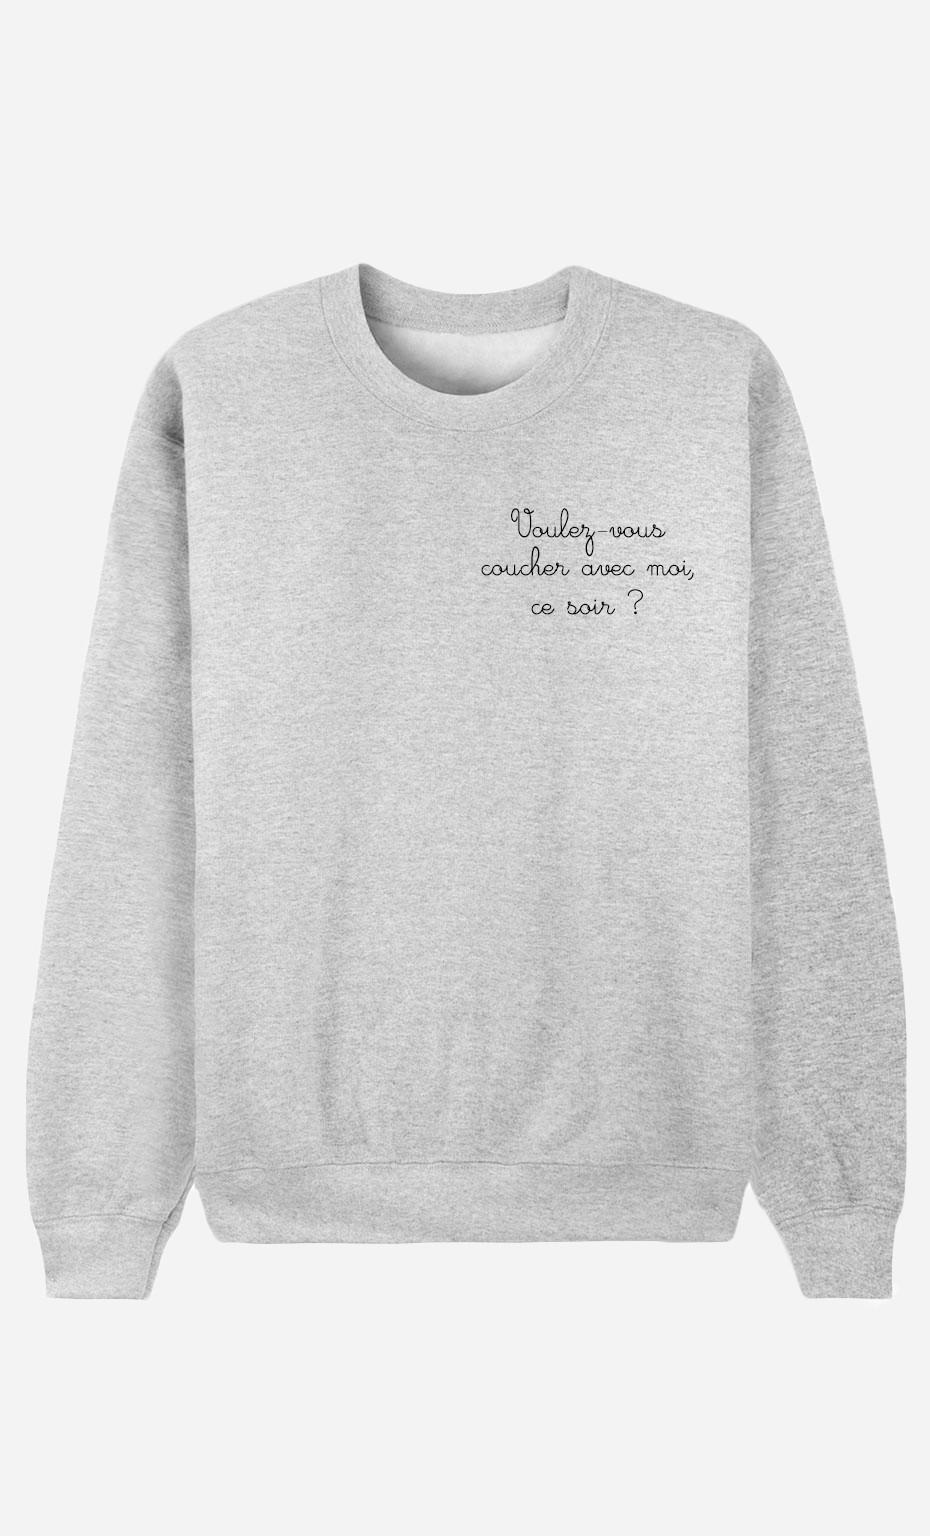 Sweatshirt Voulez-Vous Coucher Avec Moi - embroidered